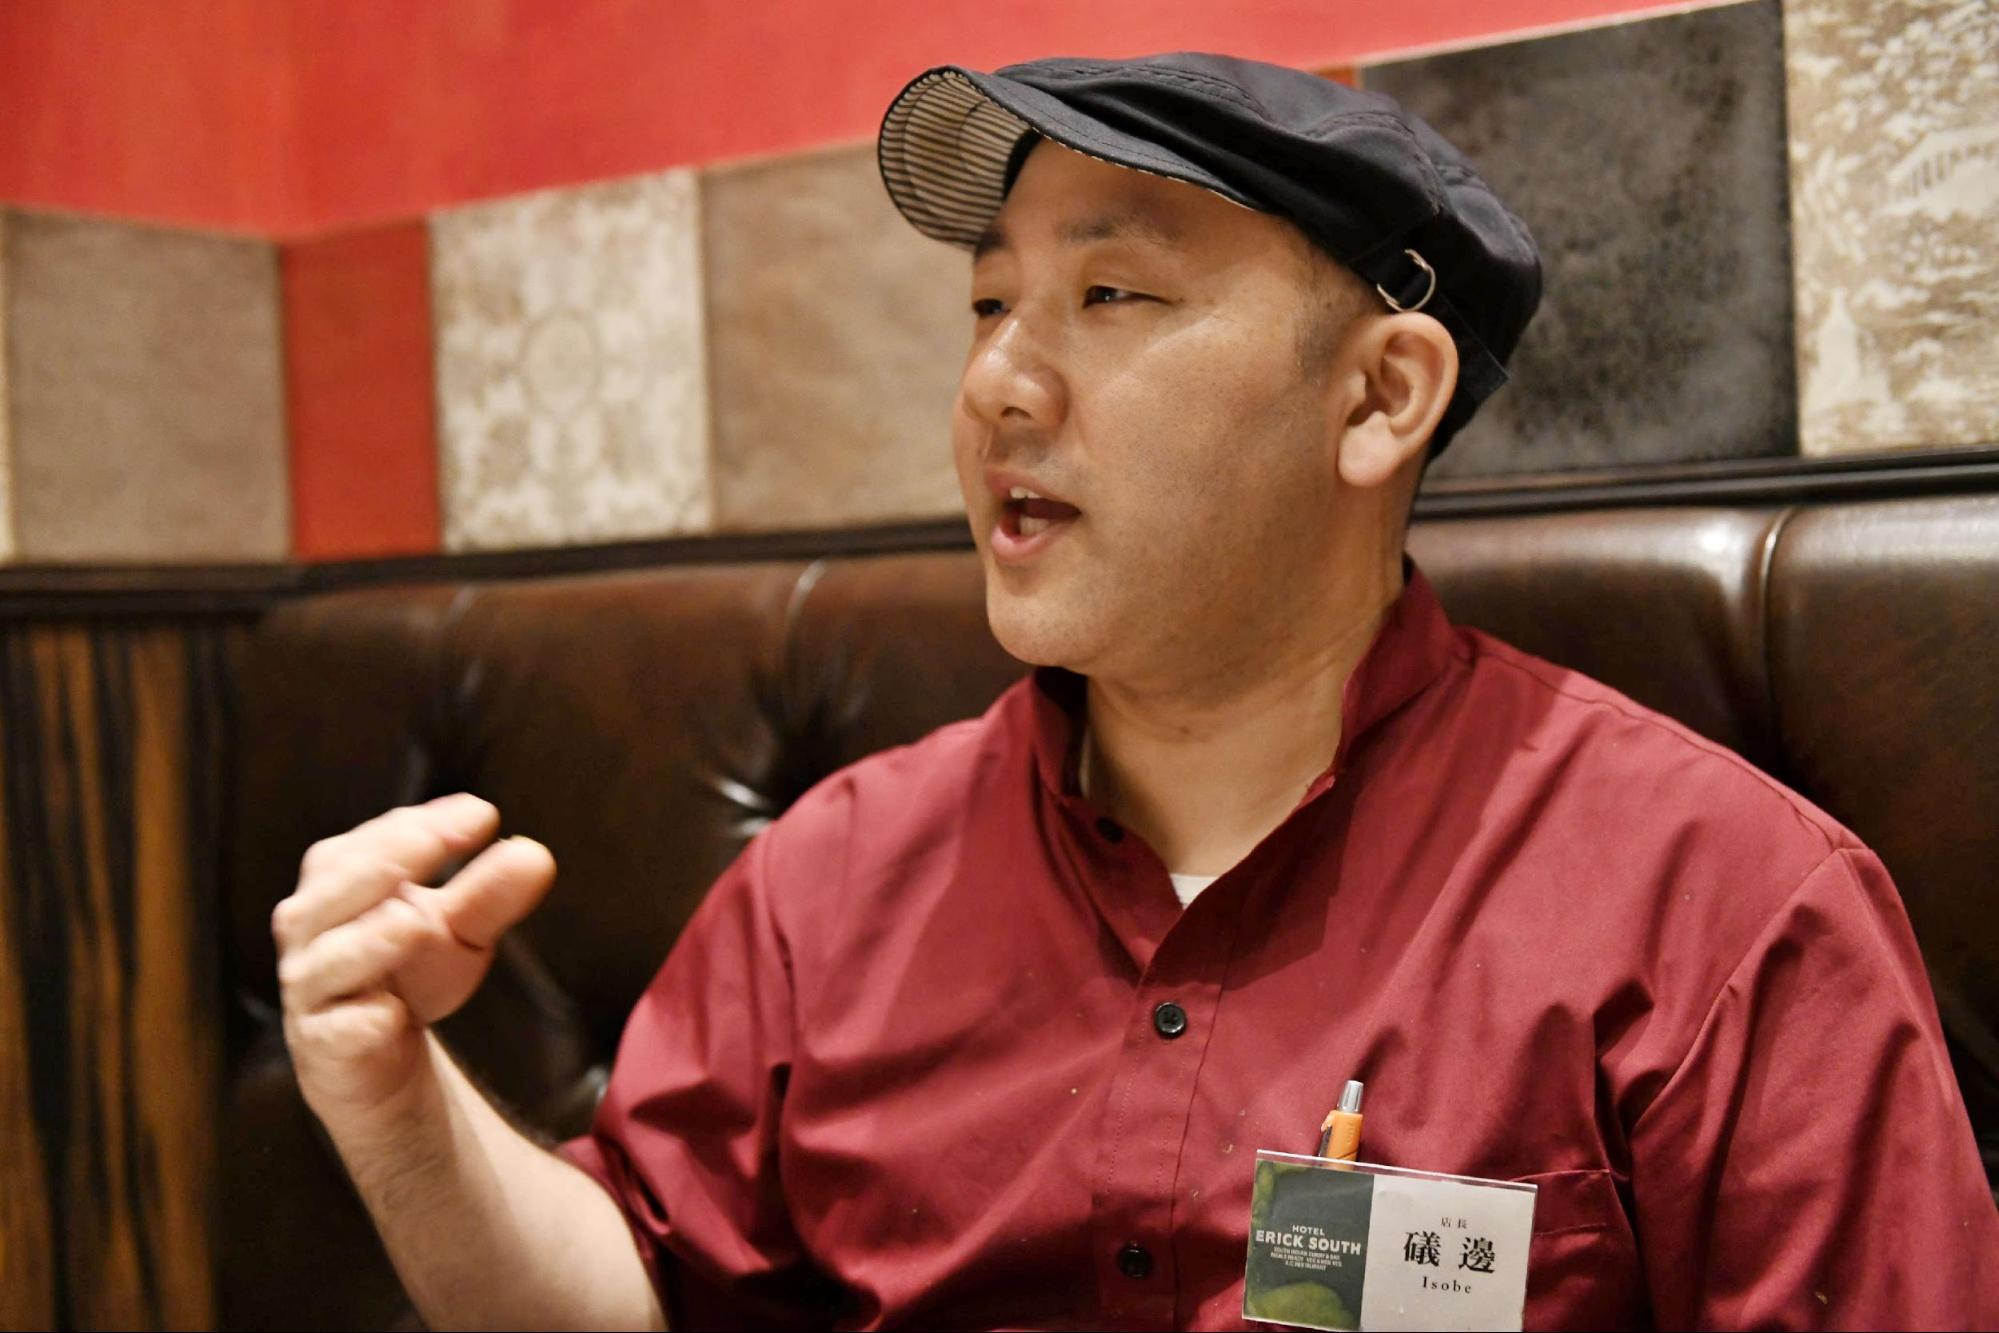 エリックサウス 東京ガーデンテラス店の磯邊店長。好きなカレーはバターチキンカレー